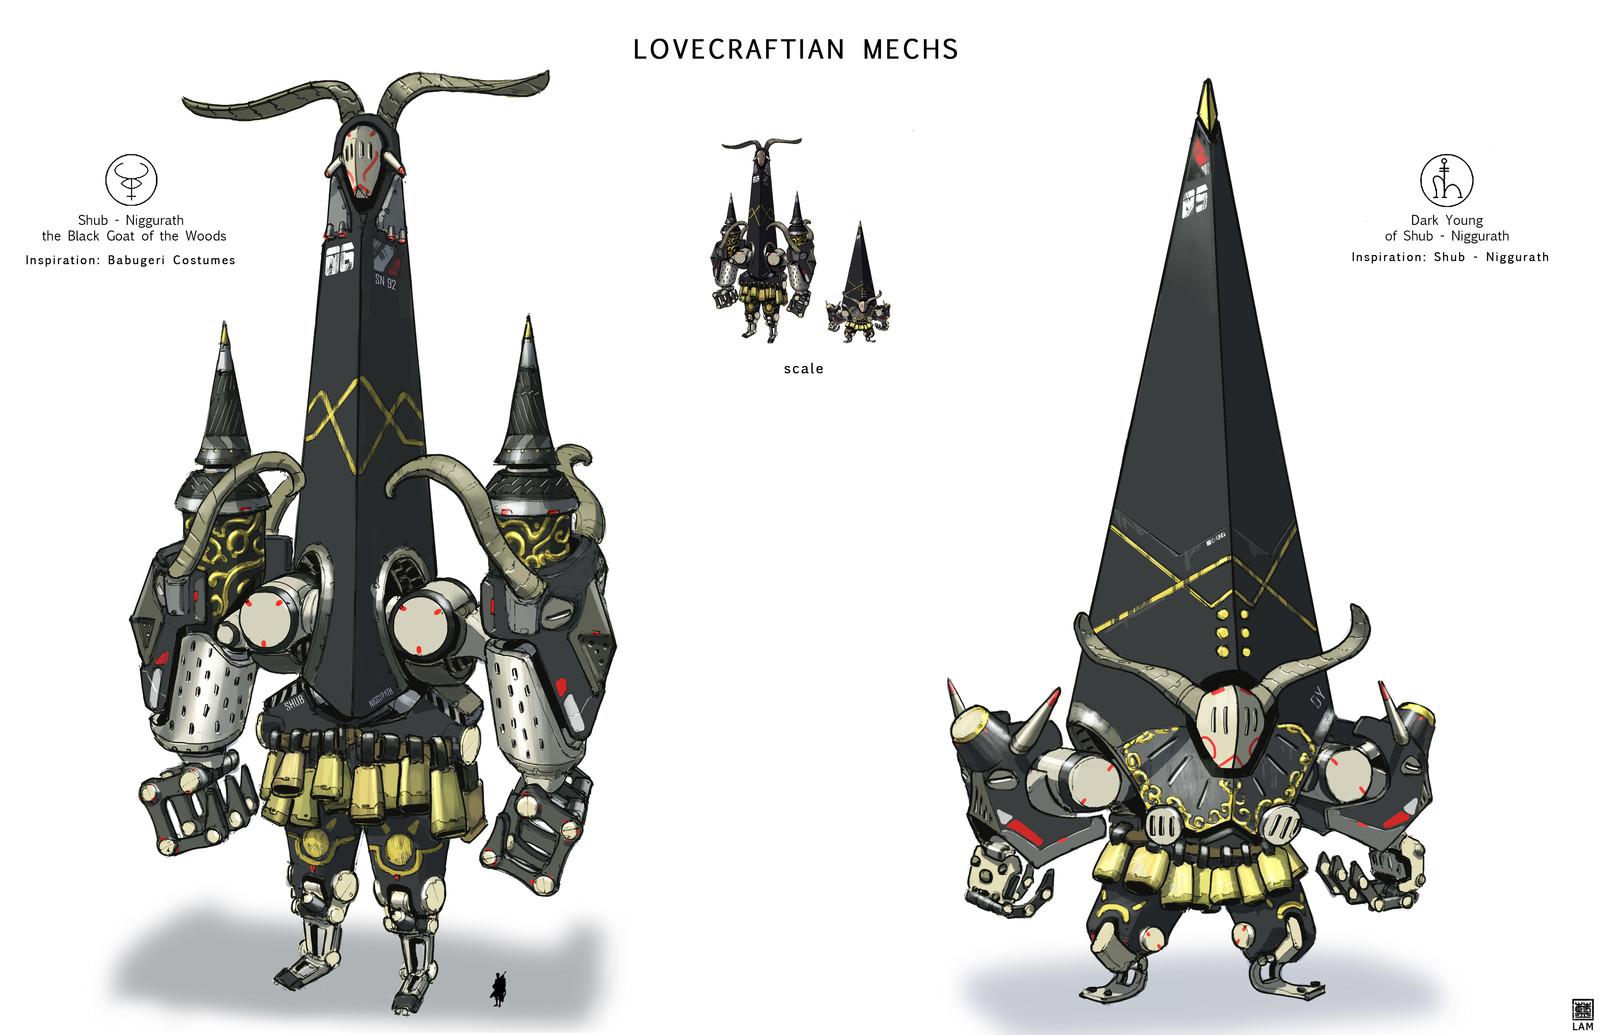 Lovecraftian Mechs